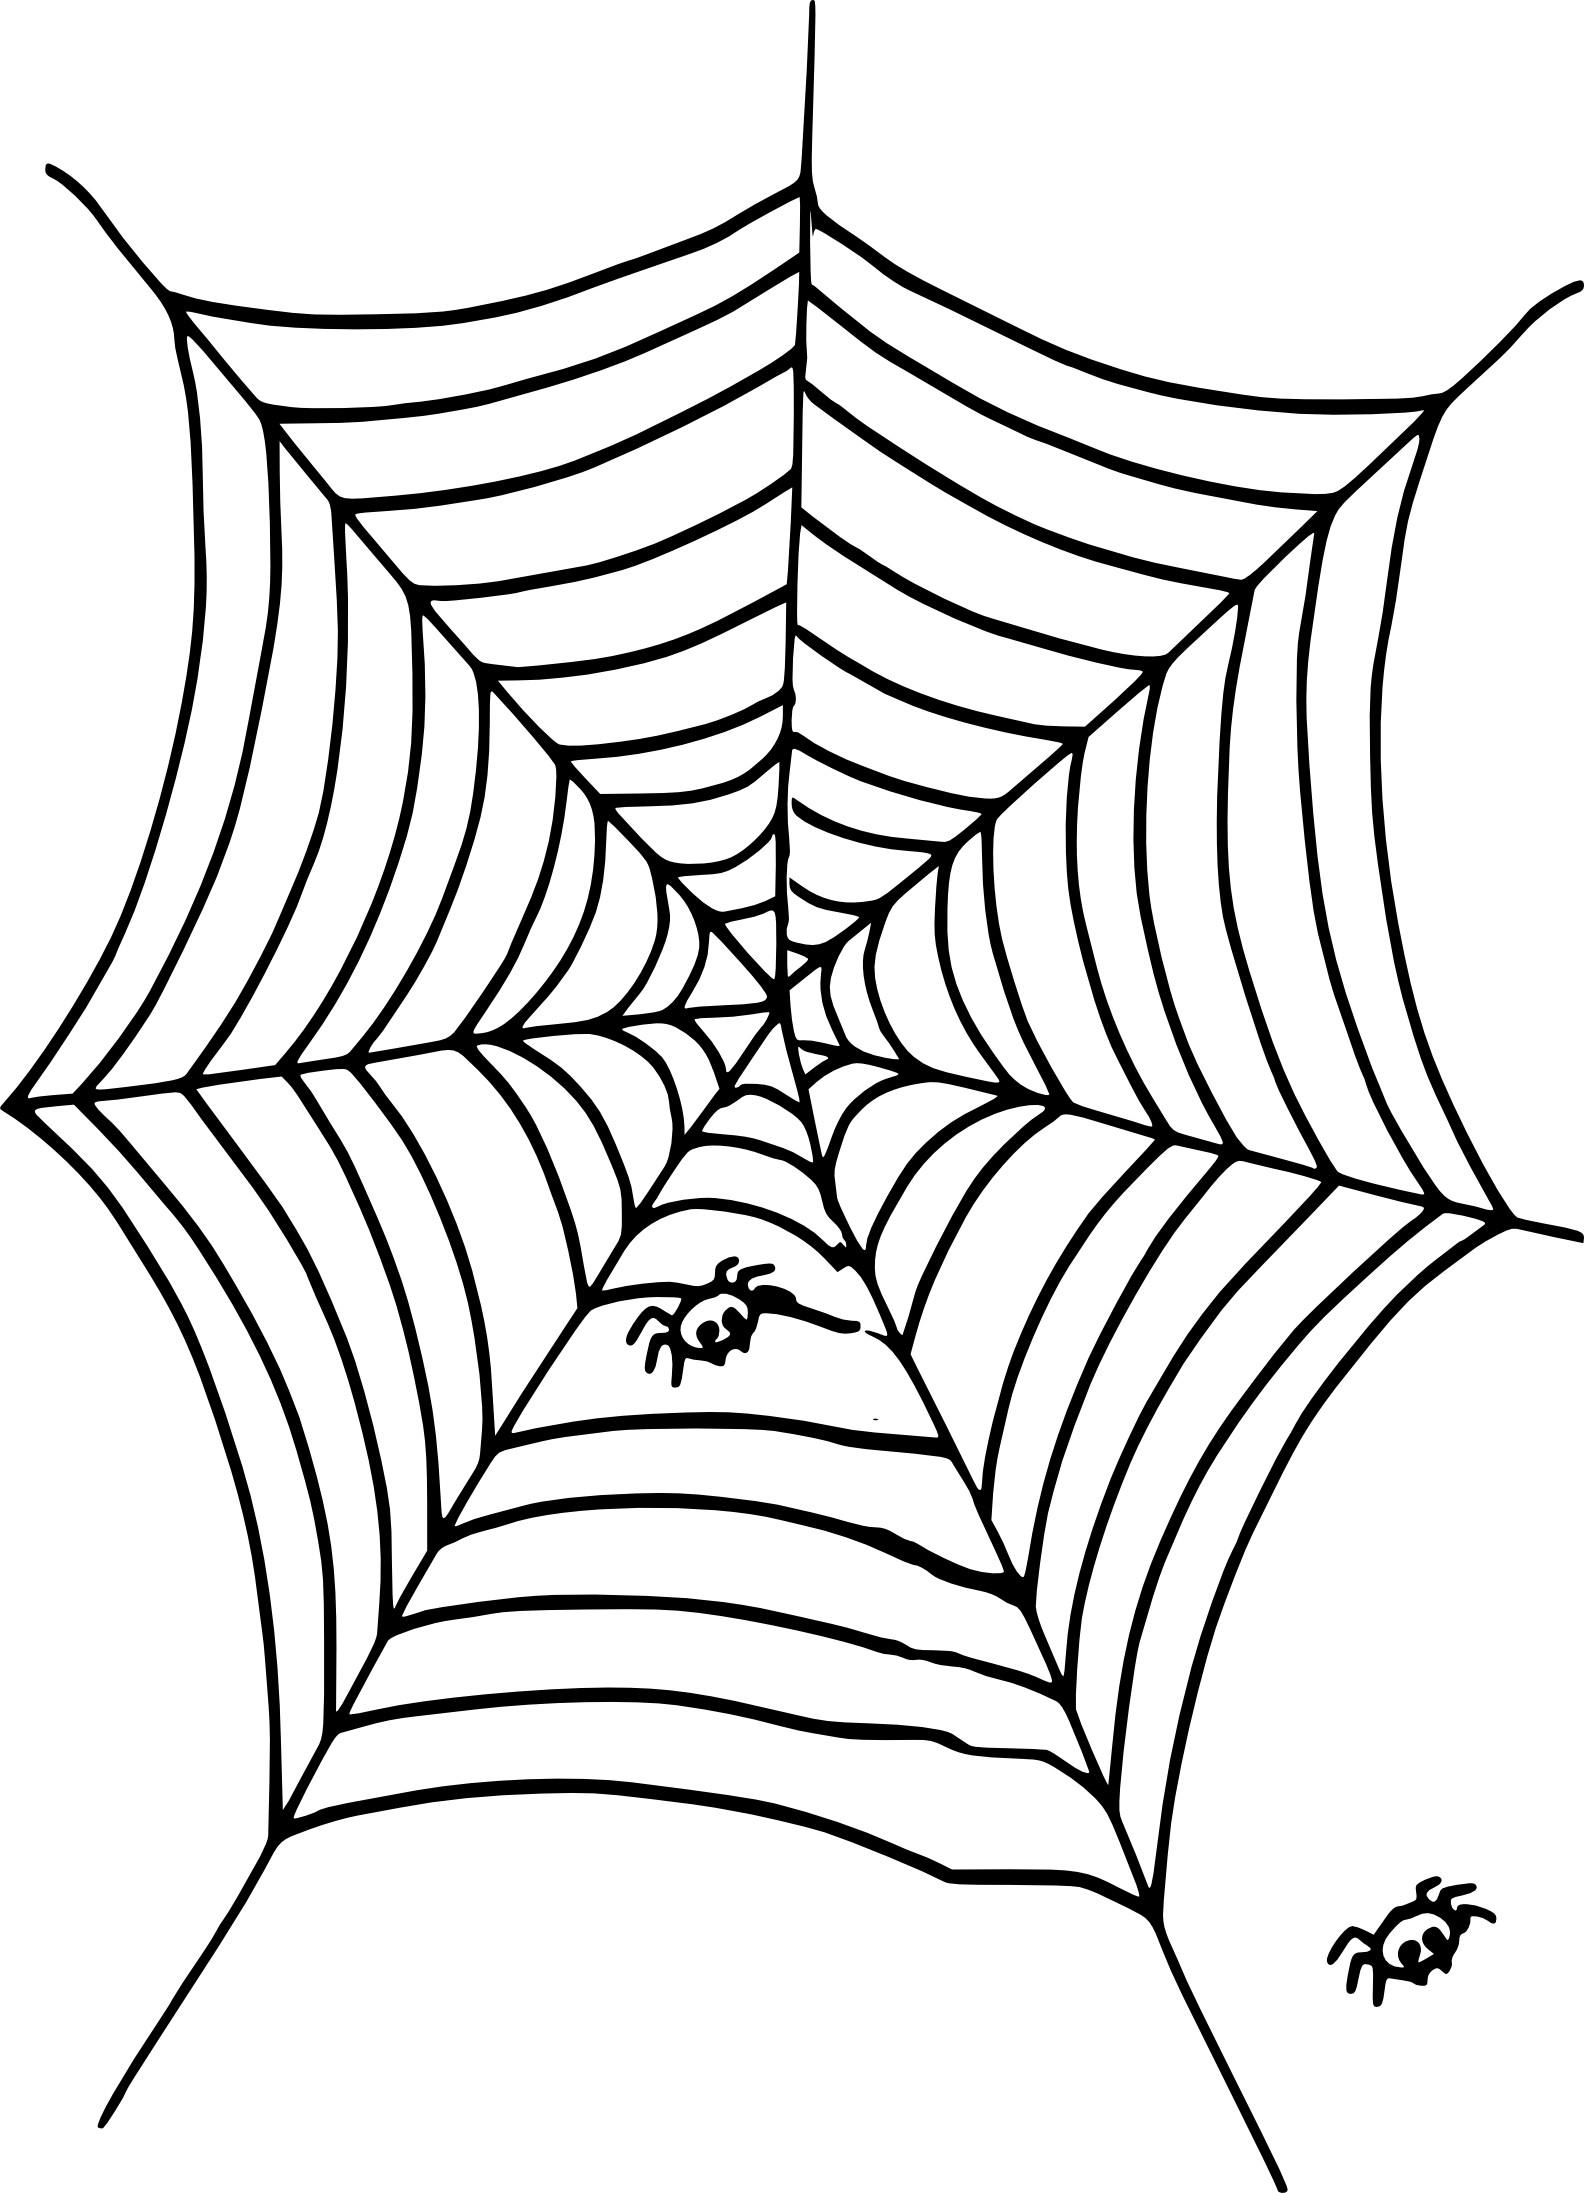 Coloriage Toile D'araignée À Imprimer avec Dessin Toile Araignée